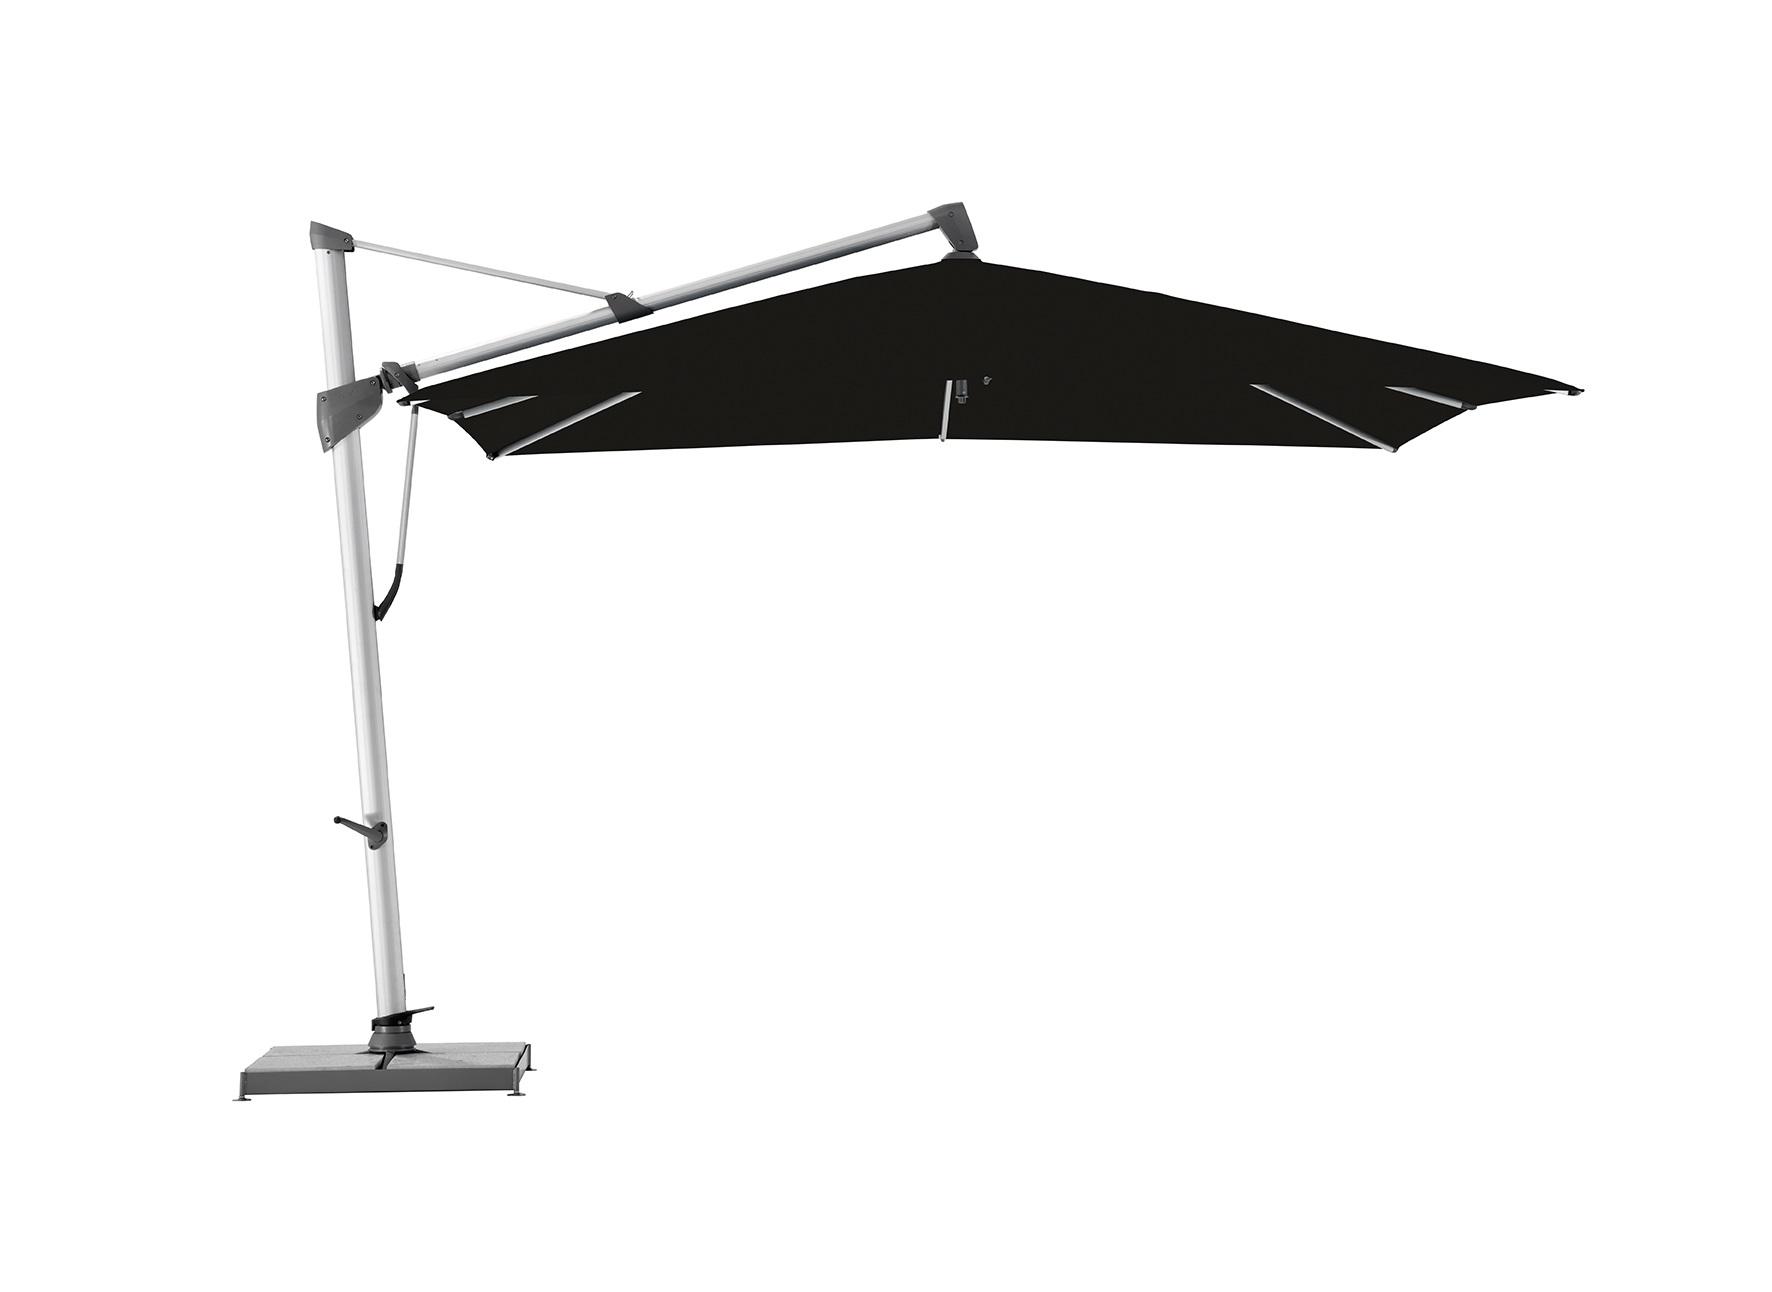 Уличный зонт Sombrano S+Тенты и зонты<br>Квадратный зонт с боковой опорой, каркас из анодированного алюминия. Вращается вокруг своей оси. Регулируется угол наклона купола.&amp;amp;nbsp;&amp;lt;div&amp;gt;&amp;lt;br&amp;gt;&amp;lt;/div&amp;gt;&amp;lt;div&amp;gt;Плотность ткани 250 g/m2.&amp;amp;nbsp;&amp;lt;/div&amp;gt;&amp;lt;div&amp;gt;Максимальная ветровая нагрузка 45км/ч.&amp;amp;nbsp;&amp;lt;/div&amp;gt;&amp;lt;div&amp;gt;В комплект входит:  база 180кг,декоративная крышка для базы, защитный чехол.&amp;amp;nbsp;&amp;lt;/div&amp;gt;<br><br>Material: Алюминий<br>Width см: 300<br>Depth см: 300<br>Height см: 300